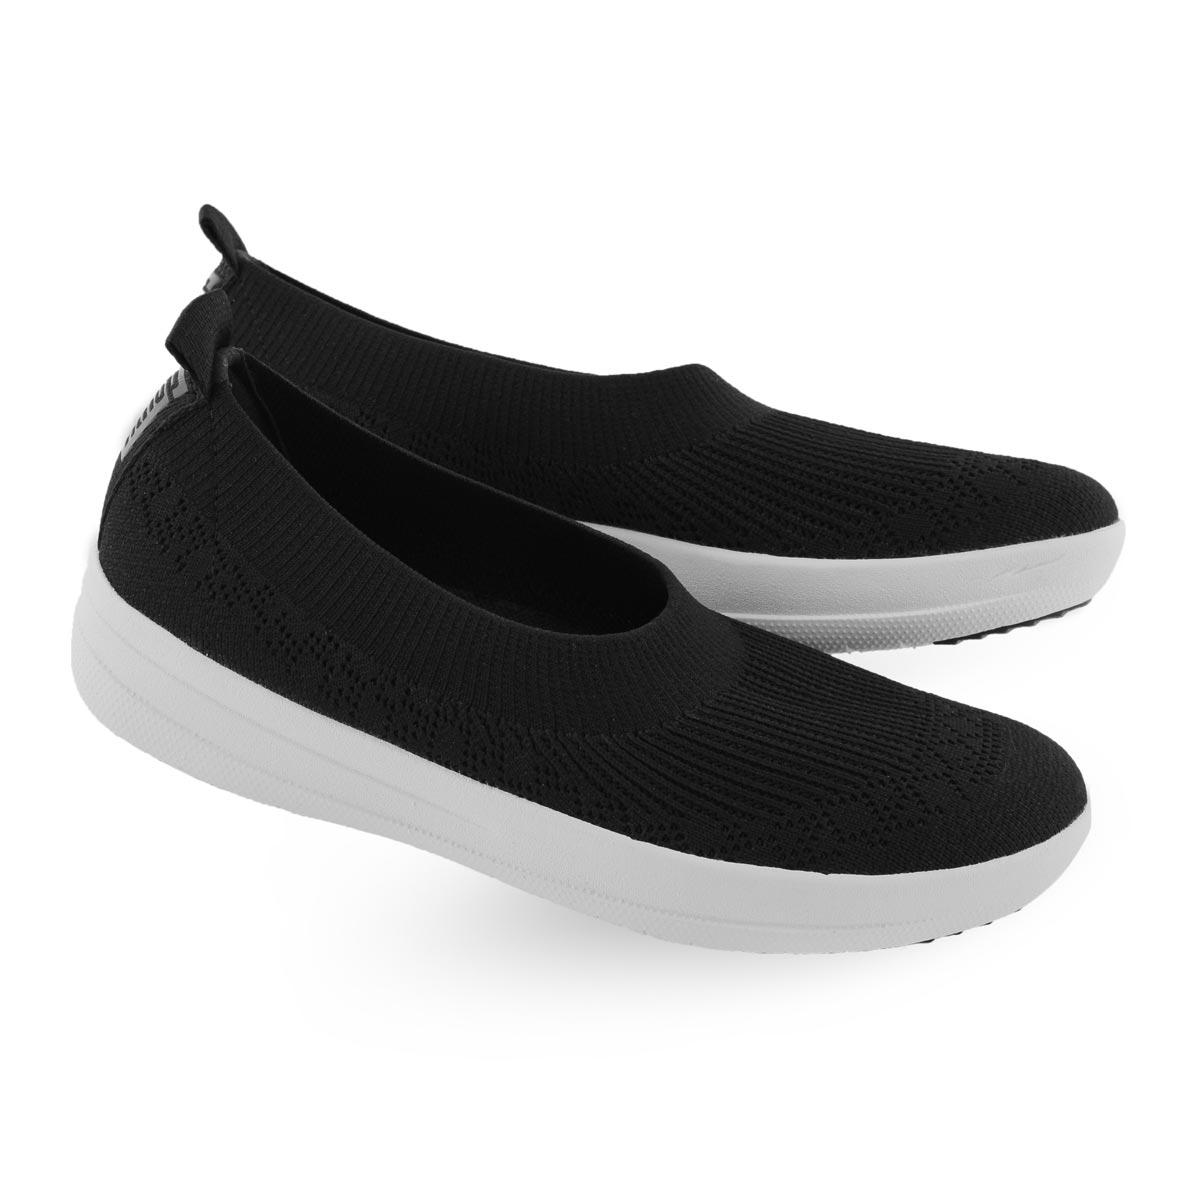 Women's UBERKNIT BALLERINA blk slip on shoes